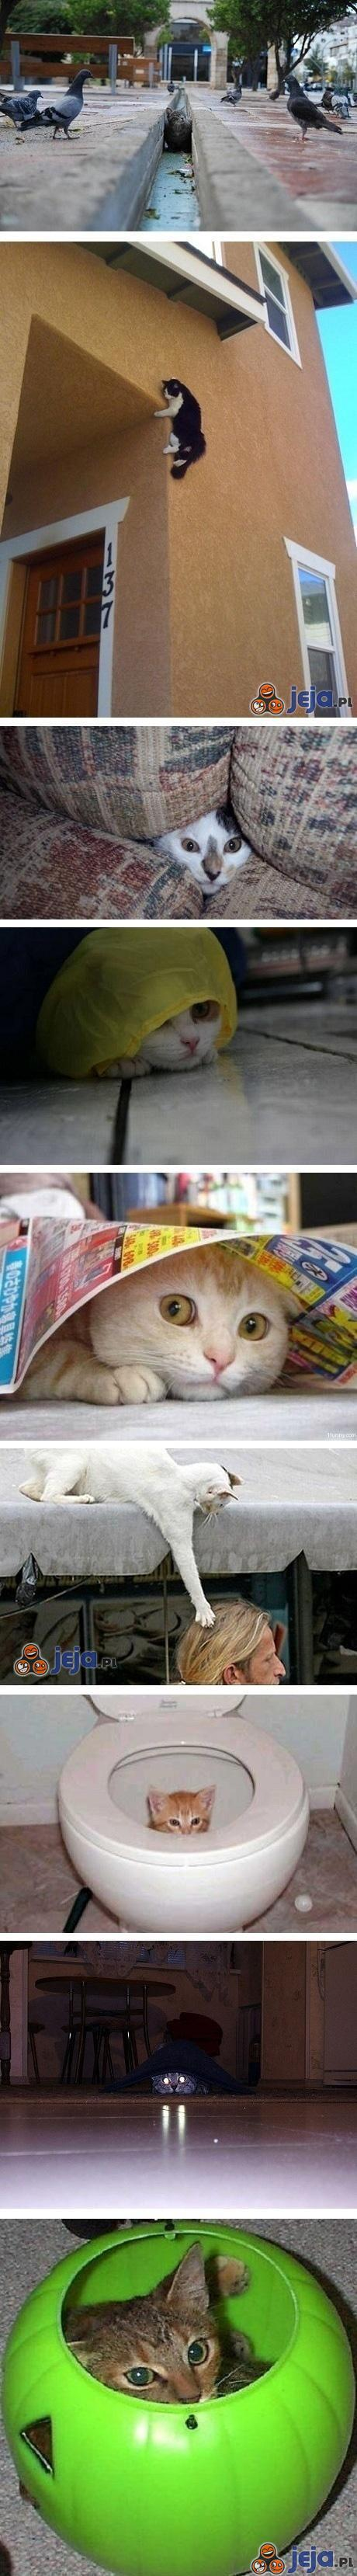 Koty - myśliwi doskonali